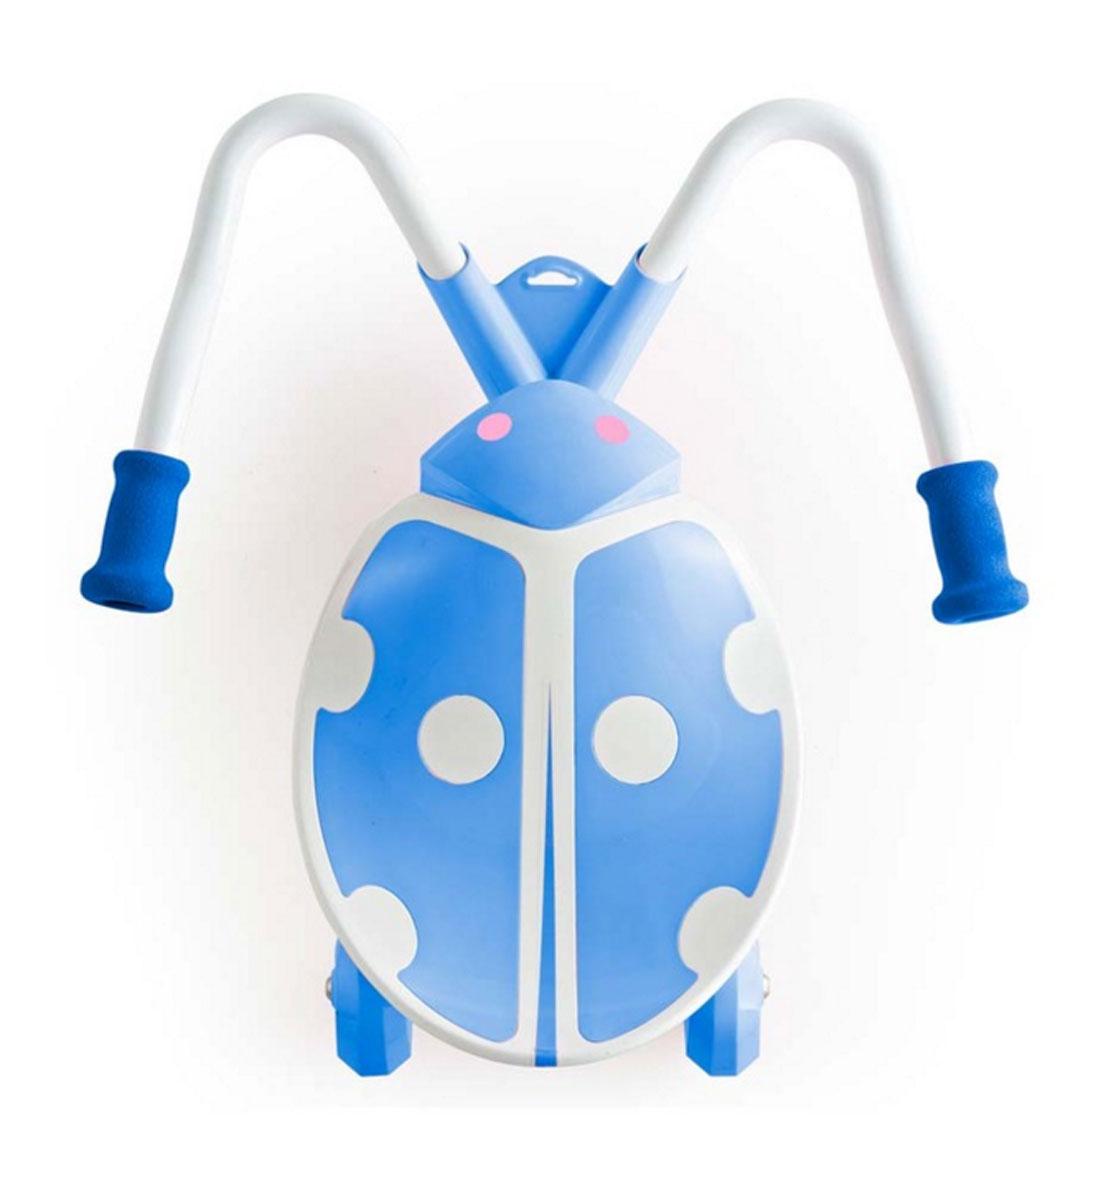 Детский скутер JD BUG TC-60 KIDZ SWAYER MINI, синийTC-60 KIDZ SWAYER MINIДетский скутер JD Bug TC-60 – Mini Kid SWAYER (синий)Новое изобретение Jd Bug станет настоящим хитом на улицах Москвы, Kidz Swayer отлично подойдет детям, которые любят движение и скорость. Забавный беговел доставит много удовольствия маленькому гонщику и в то же время поможет малышу развивать координацию движений.JD Bug TC-60 – Mini Kid SWAYER - это новый детский сидячий скутер в форме божьей коровки, он имеет широкое пластиковое сиденье и изогнутый стальной руль с мягкими рукоятками. Для того, чтобы привести скутер в движение ребенку необходимо сесть в седло, поставить ноги на основание руля и попеременно нажимать ногами, держа рукоятки в руках для контроля направления. Ребенку не нужно отталкиваться от земли, скутер покатится за счет движения подвижных мягких колес.Дети очень быстро учатся кататься на этом самокате, достаточно просто посадить ребенка на него и он интуитивно понимает, что ему надо делать и сразу же начинает наворачивать круги.Swayer очень легкий, благодаря чему ребенок сможет самостоятельно переносить его там, где не сможет проехать. ТС-60 имеет высокий показатель Lowrisk factor, что обозначает, что он очень безопасный для детей любого возраста, центр тяжести находится в нескольких сантиметрах от земли, поэтому вероятность опрокидывания или травмы практически равна нулю.Необычный скутер Jd bug TC-60 получил приз the Best of the Fair на выставке игрушек the 39th Hong Kong Toys & Games Fair в 2013 году в Гонконге. Инновационная идея и инновационный дизайн самоката получили широкое признание экспертов отрасли.